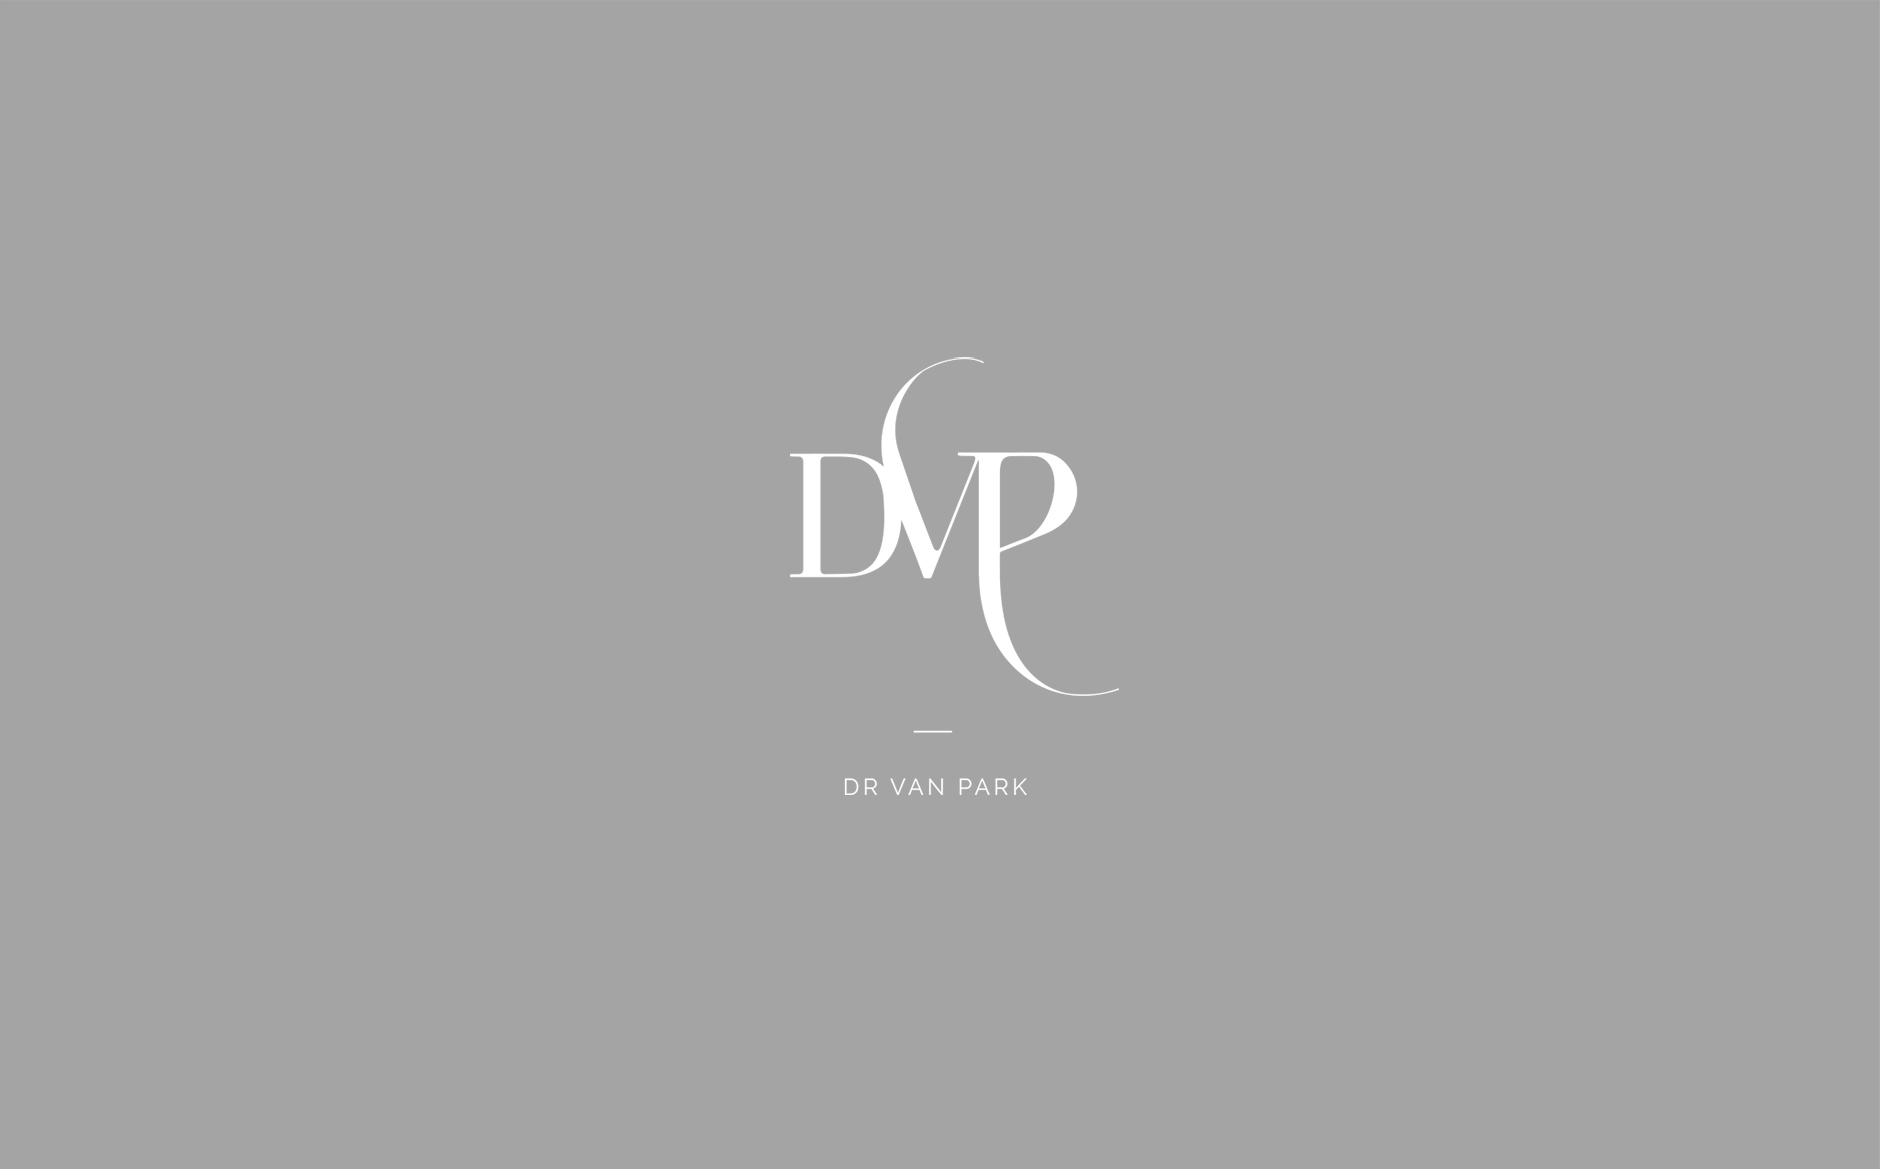 Dr. Van Park logo